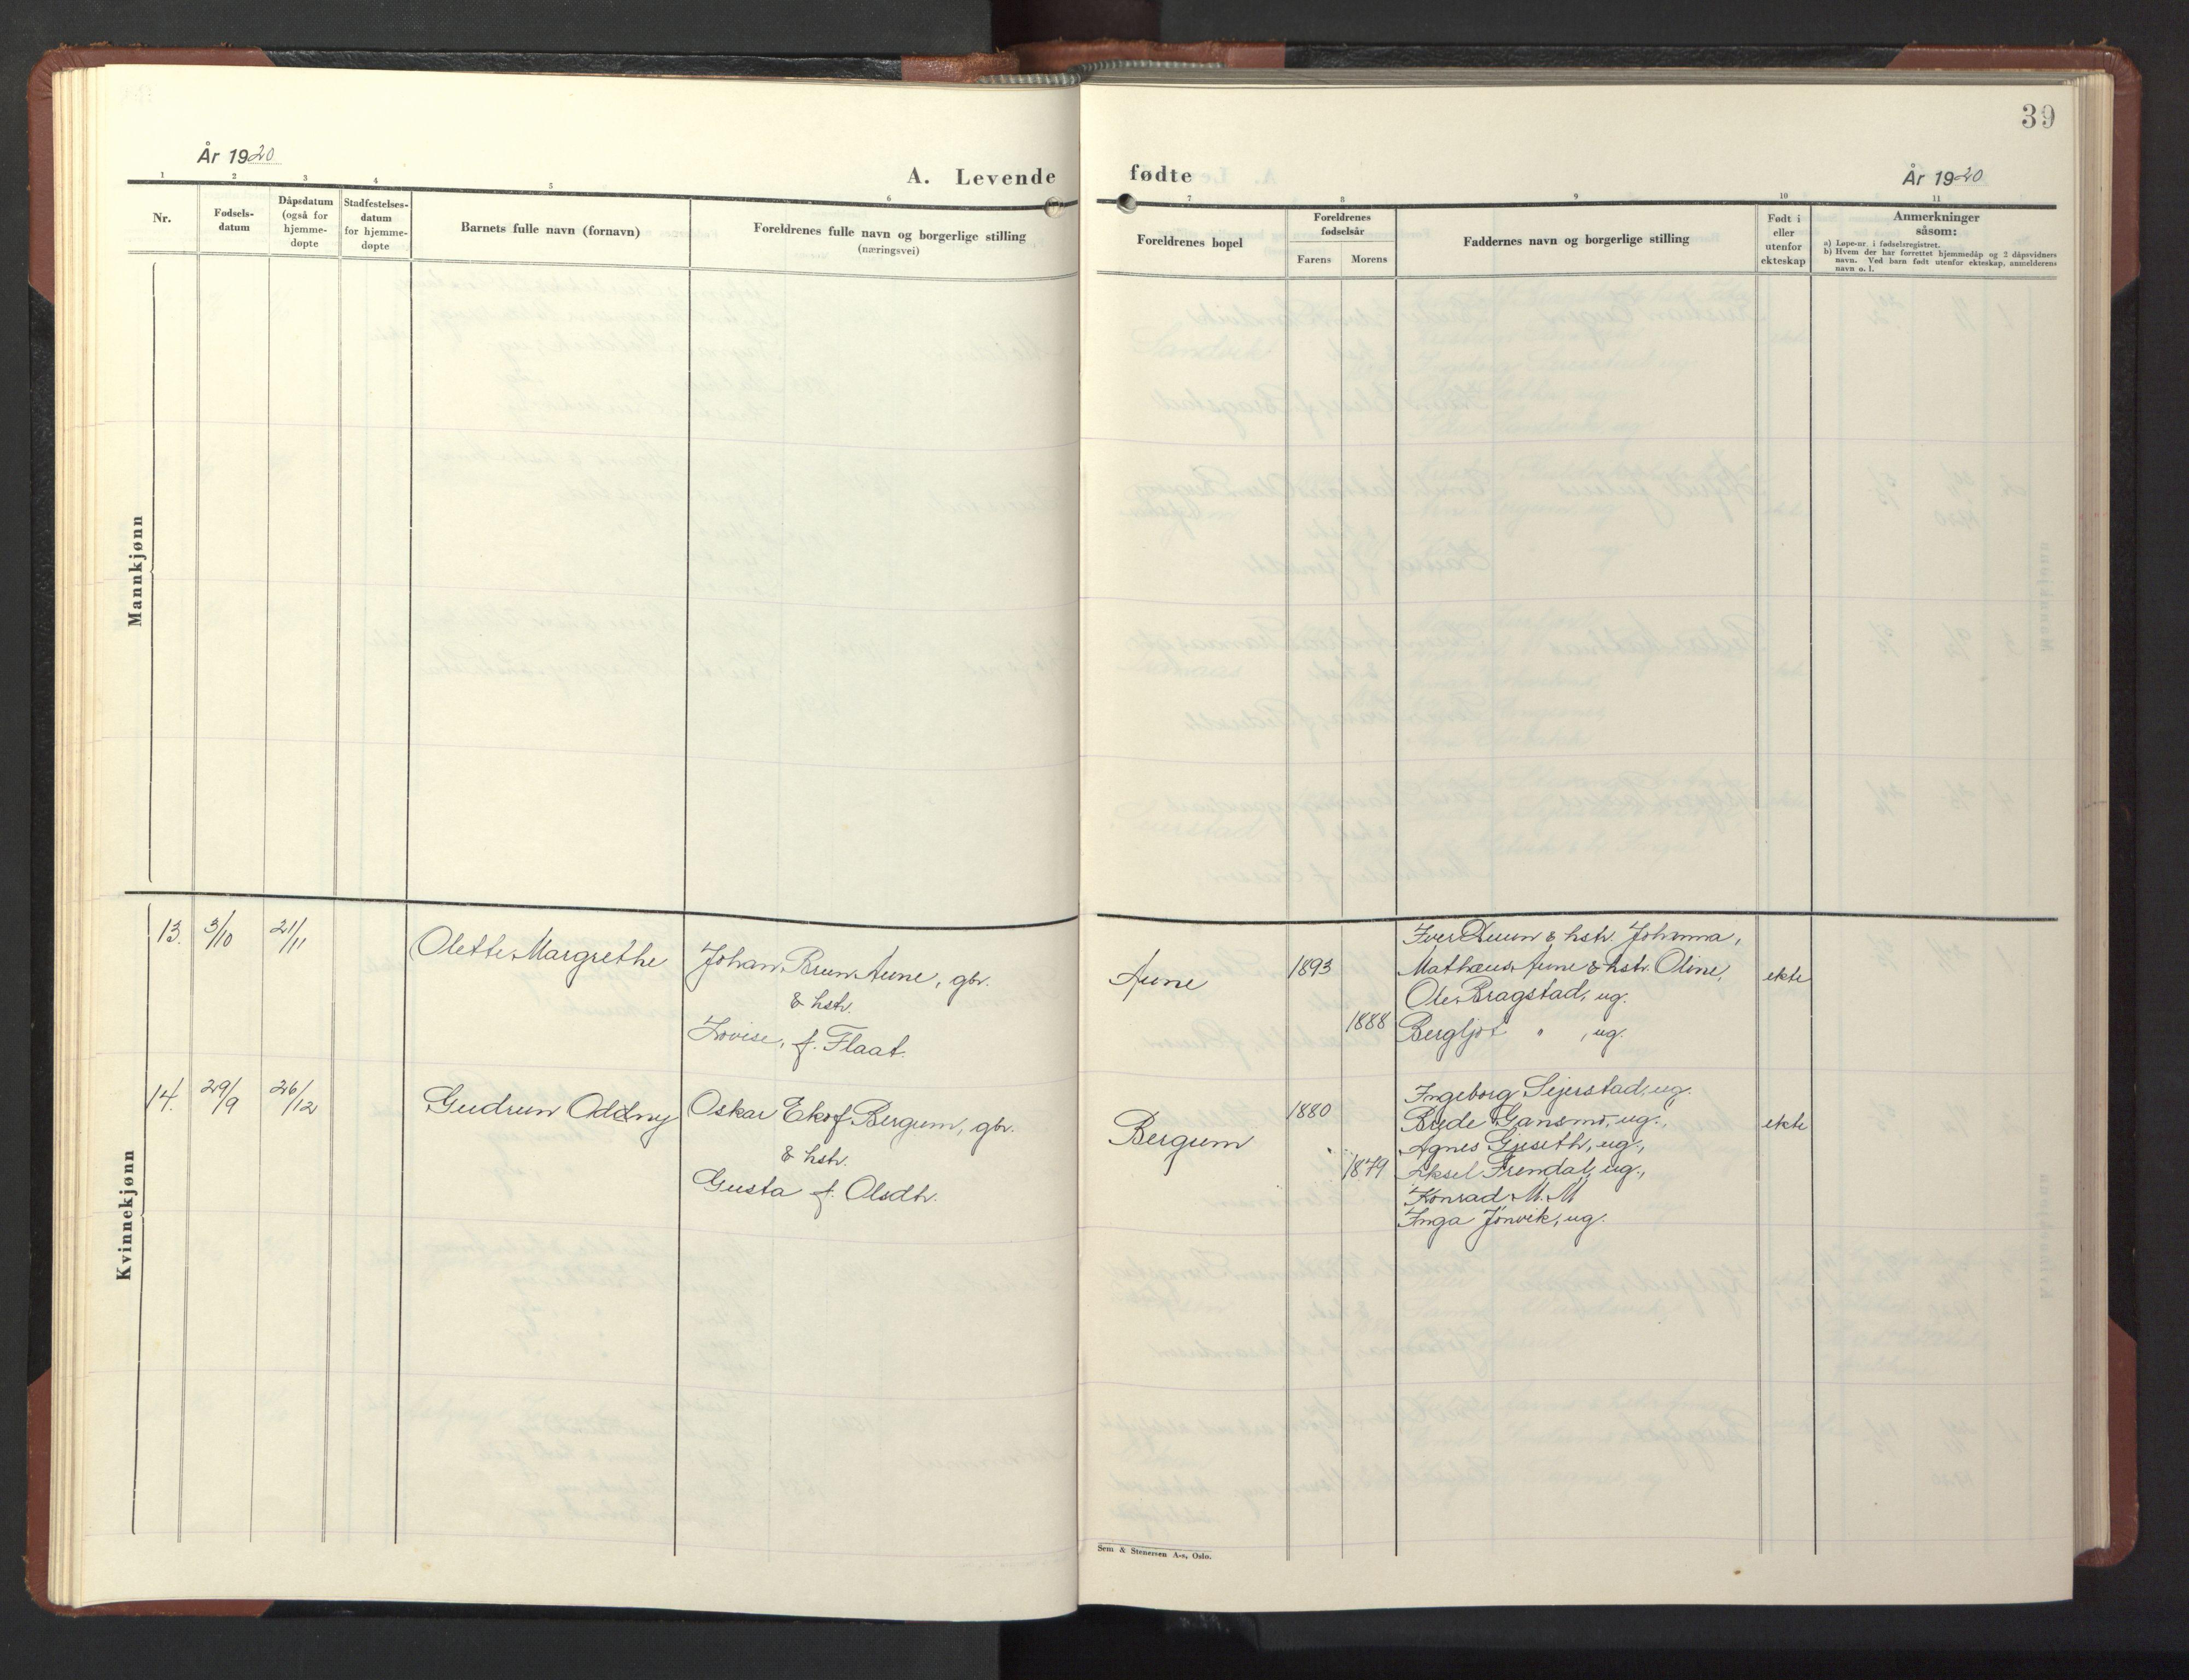 SAT, Ministerialprotokoller, klokkerbøker og fødselsregistre - Nord-Trøndelag, 773/L0625: Klokkerbok nr. 773C01, 1910-1952, s. 39